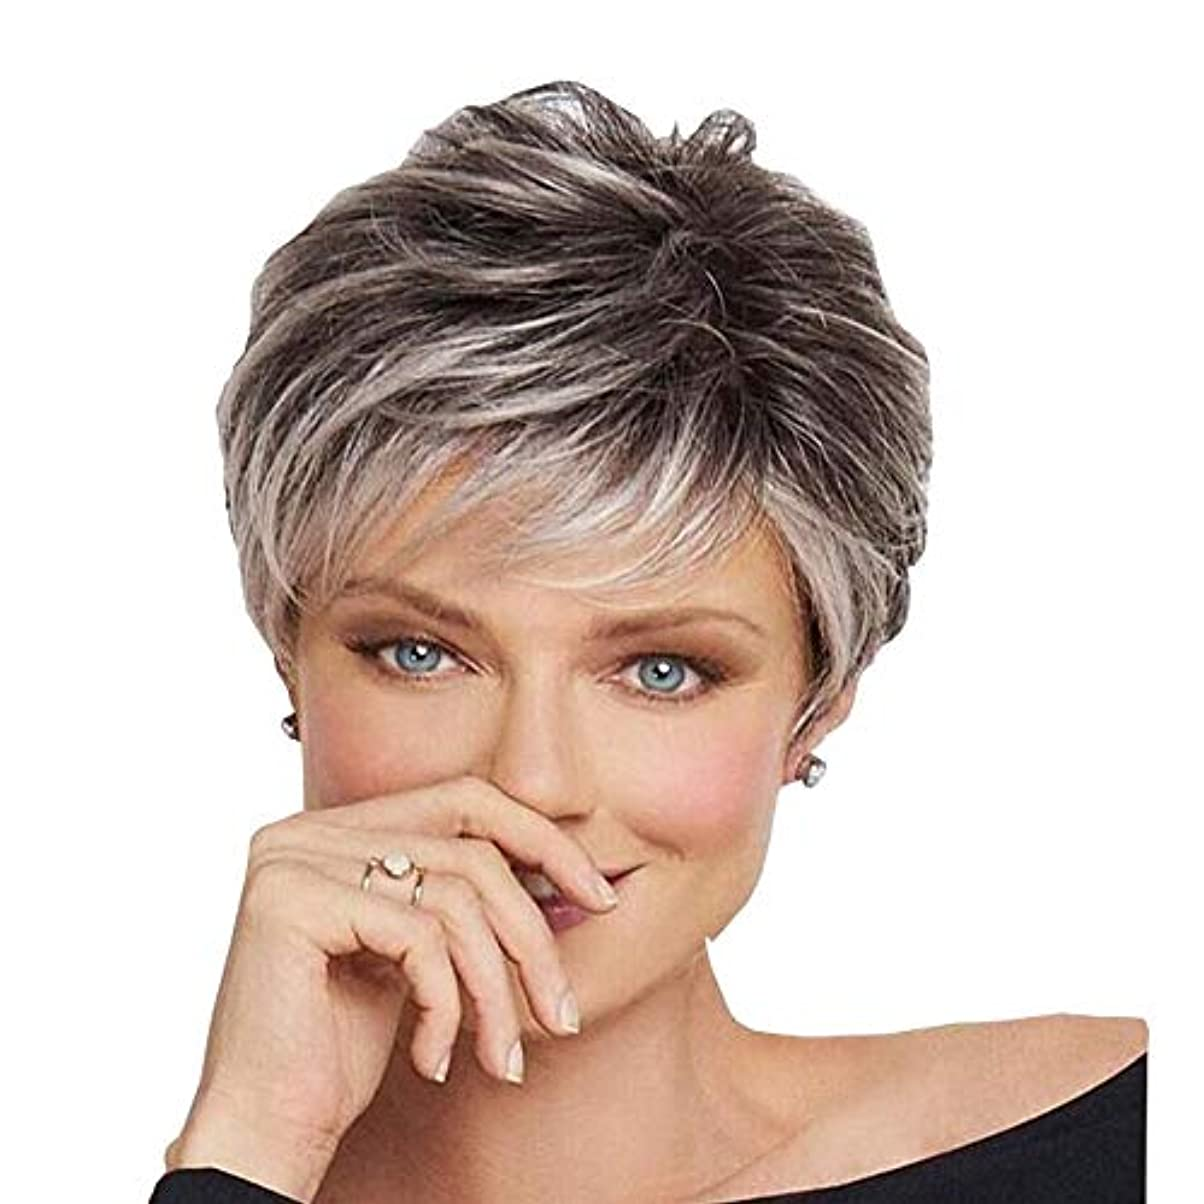 レトルト虚栄心保守的YOUQIU 毎日パーティーかつらのために斜め前髪を持つ女性のグレーショートカーリーヘアダークルーツヘアウィッグ (色 : グレー)